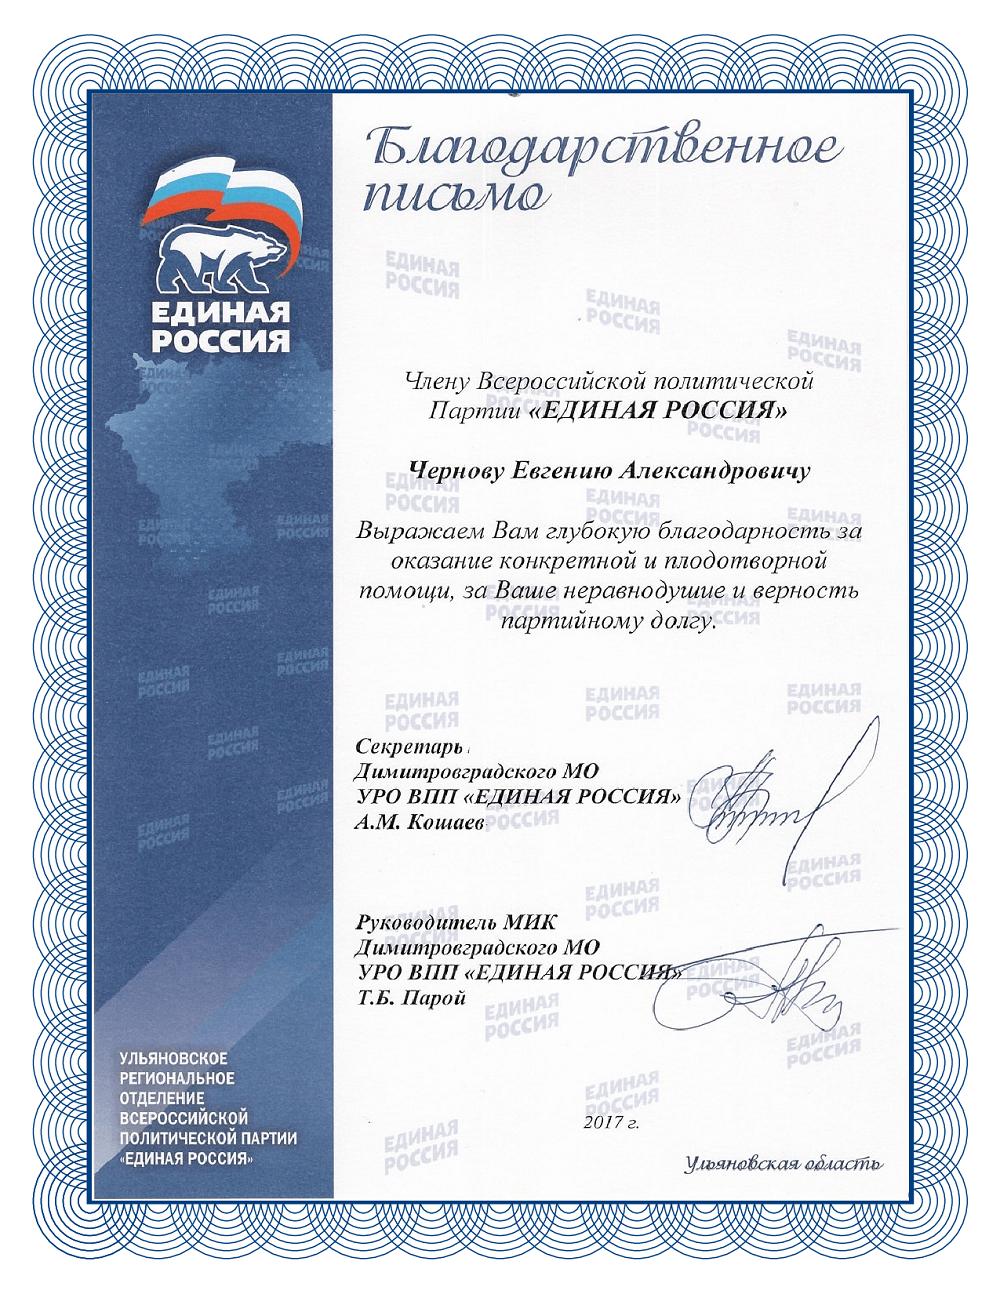 Благодарность от партии Единая Россия